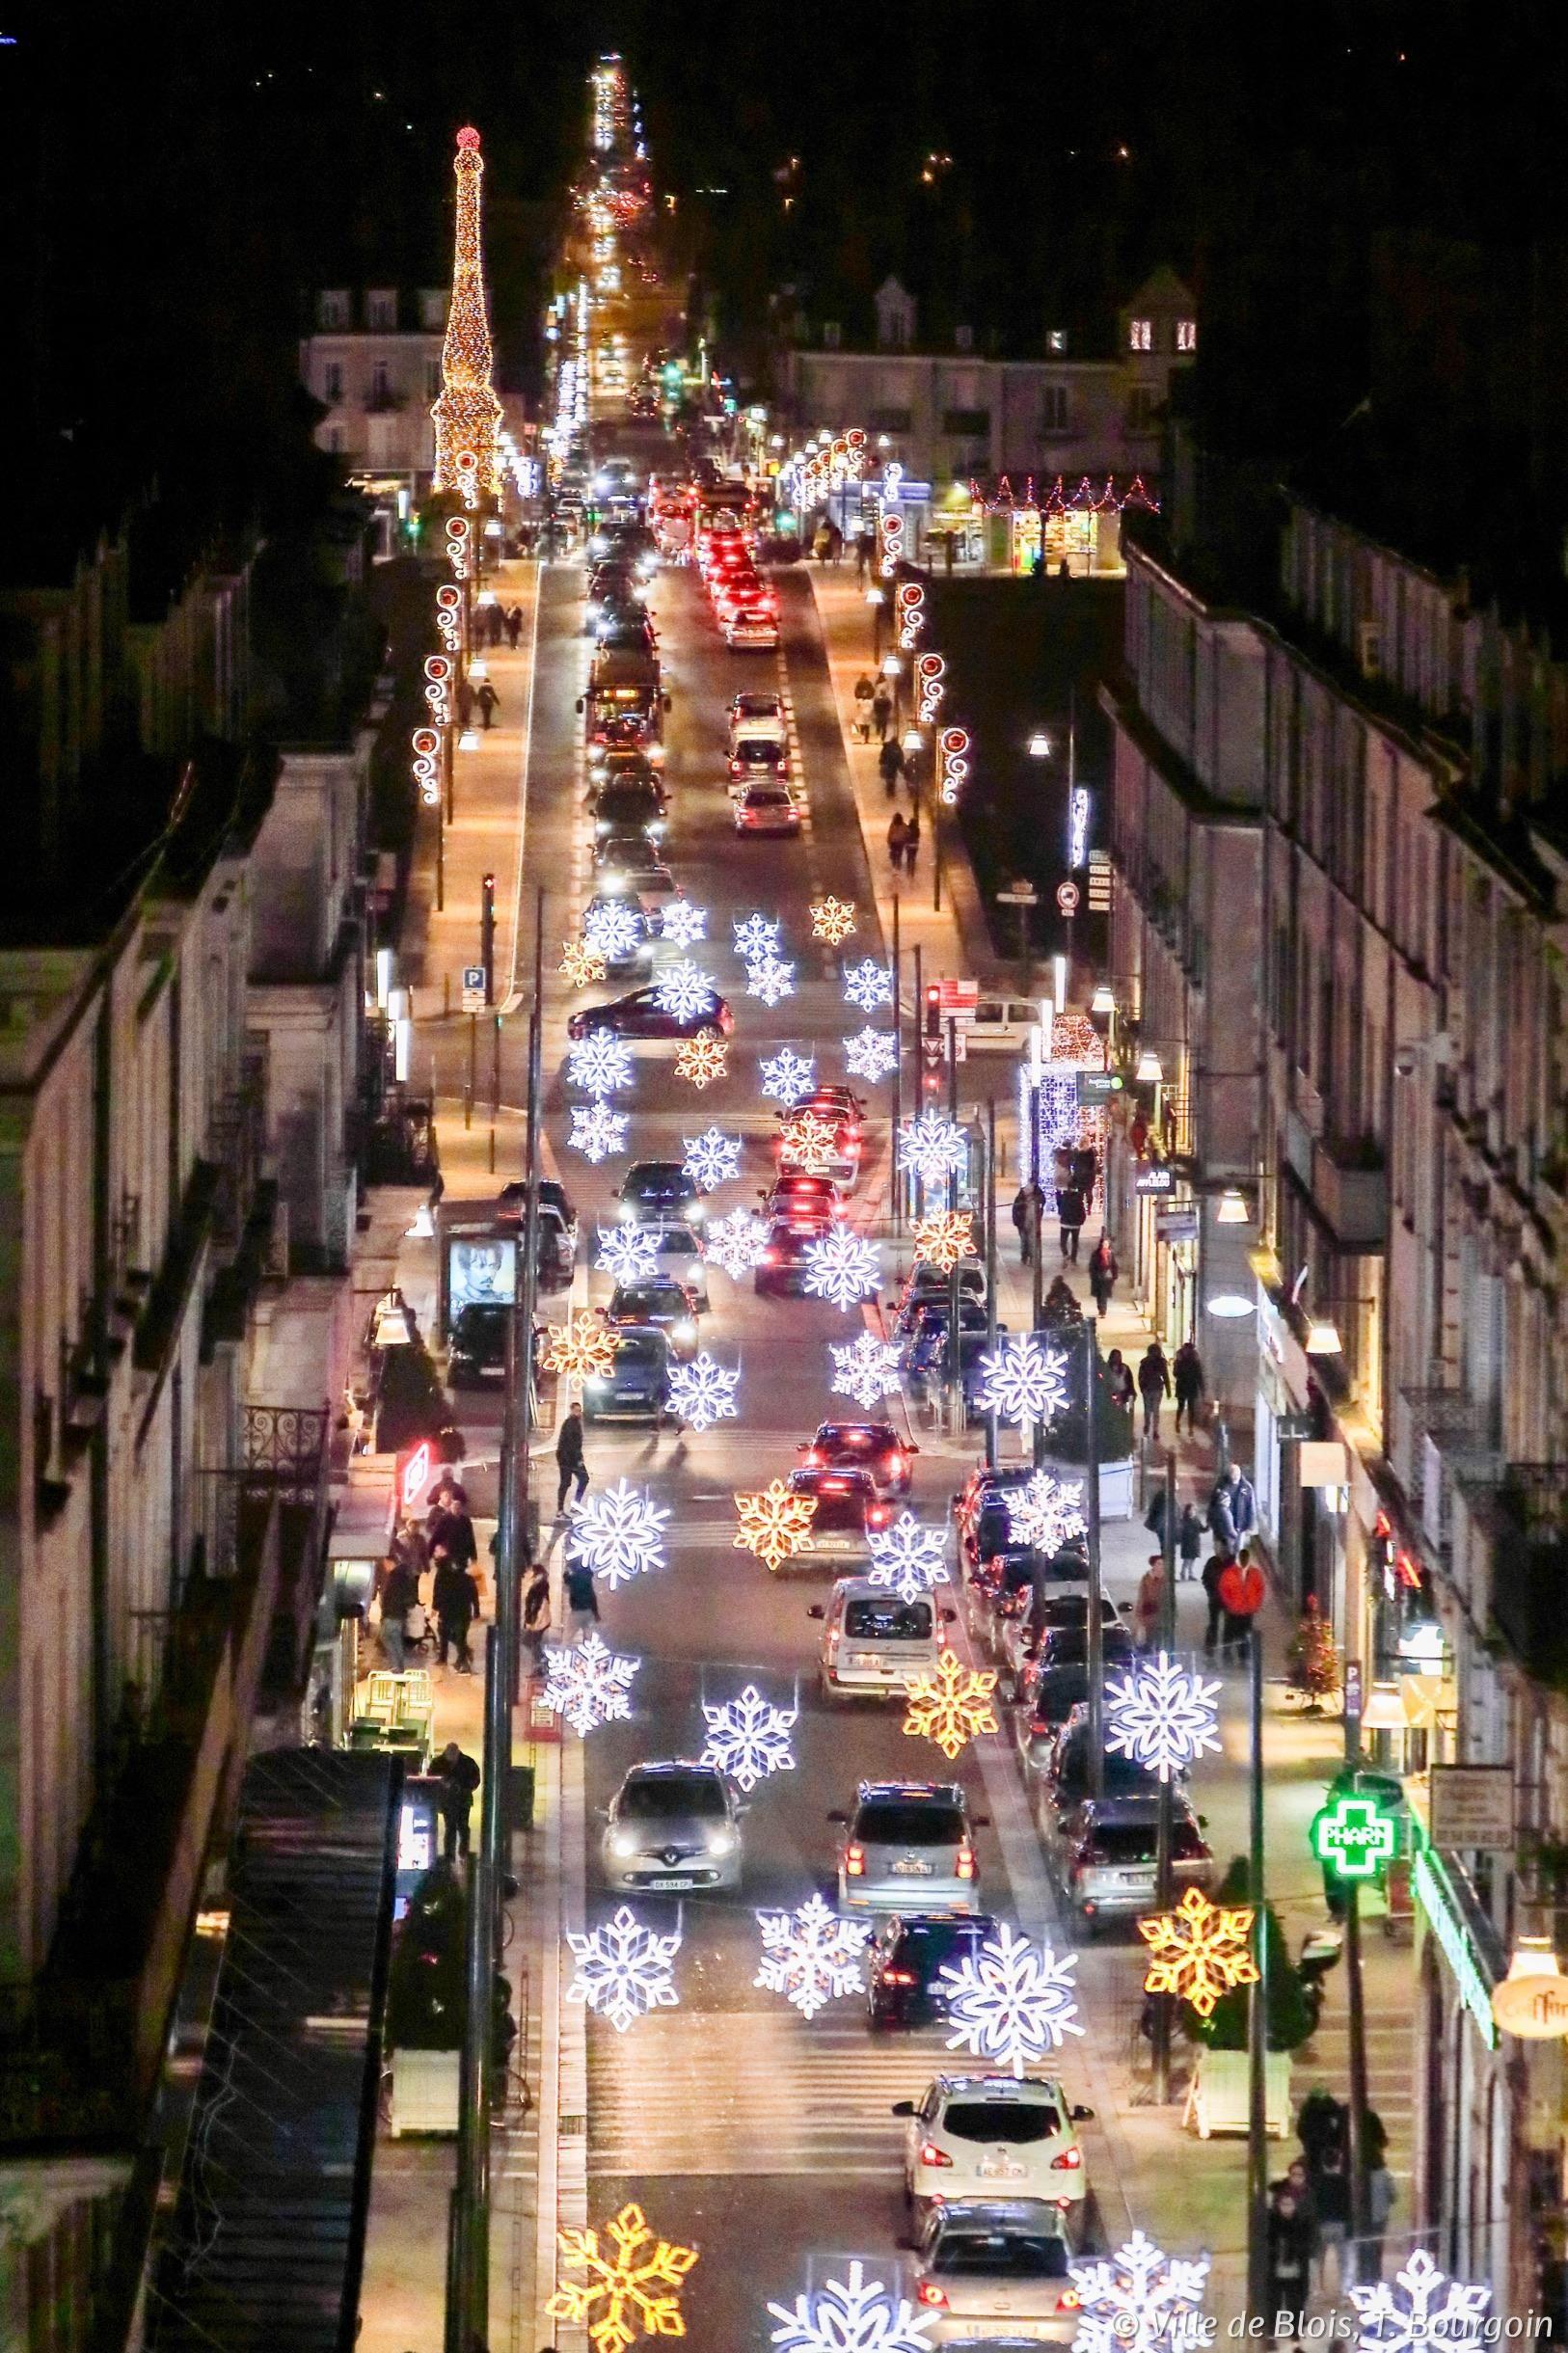 La rue Denis-Papin est illuminée par des luminaires suspendus en forme de flocons de neige. Le Pont Jacques-Gabriel est visible en arrière-plan.